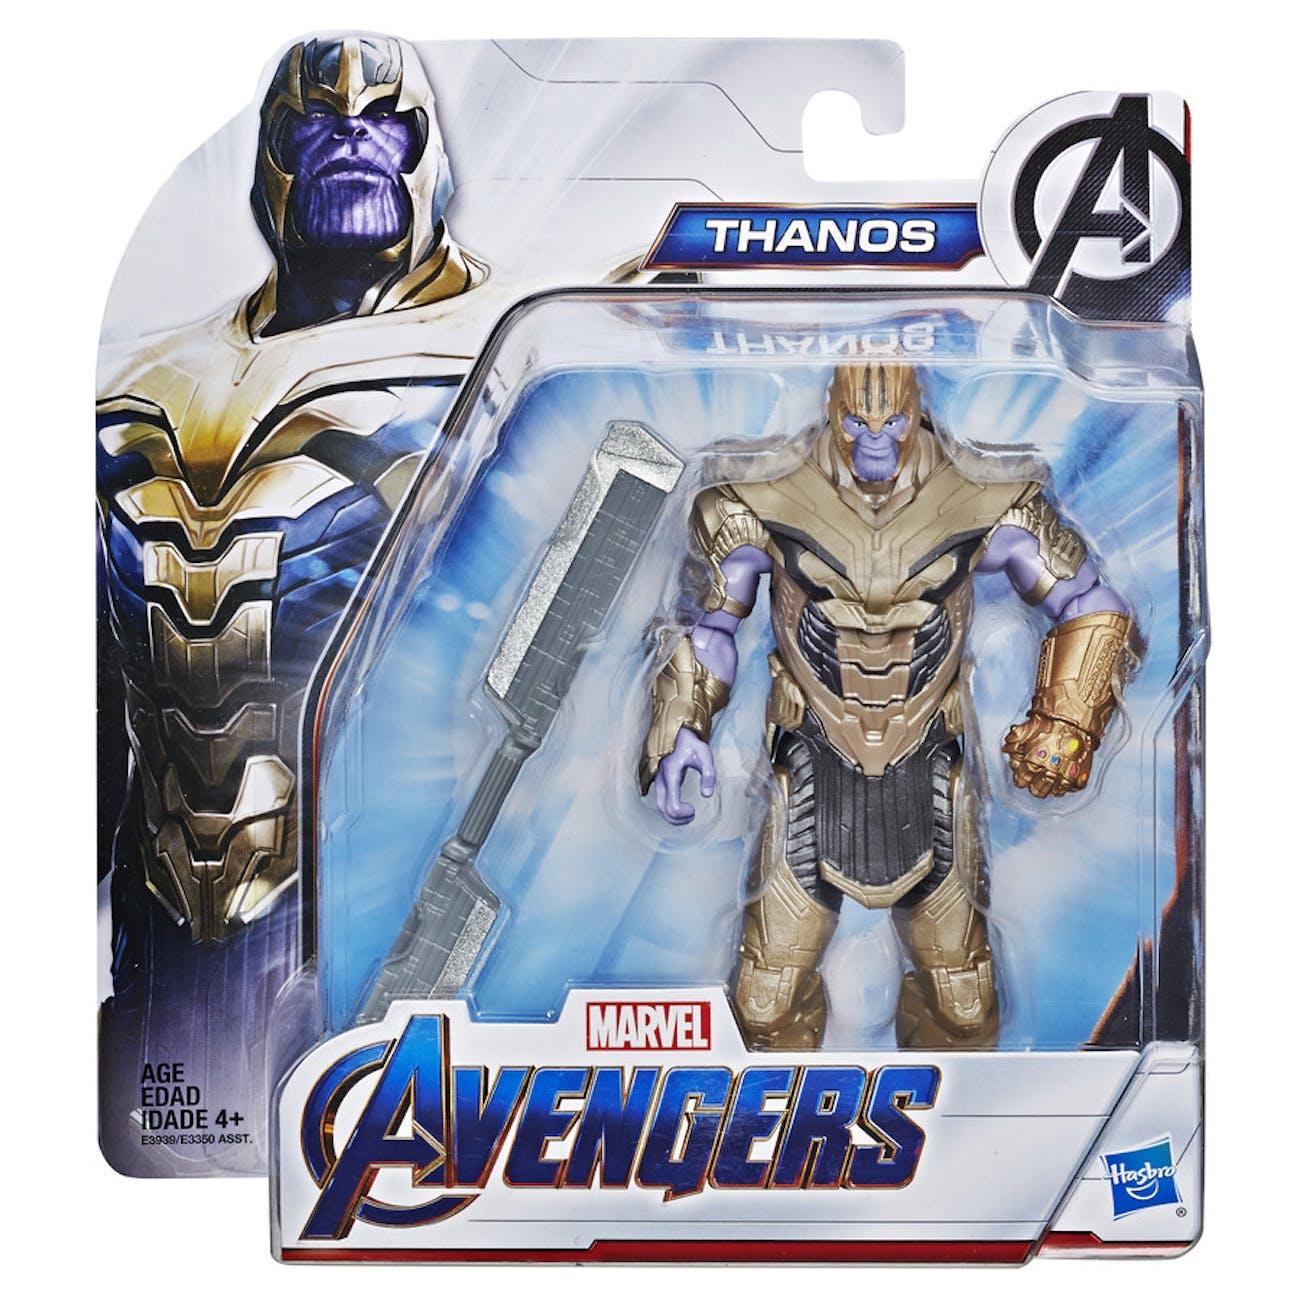 Avengers Endgame Final Trailer Confirms A Big Spoiler About Thanos